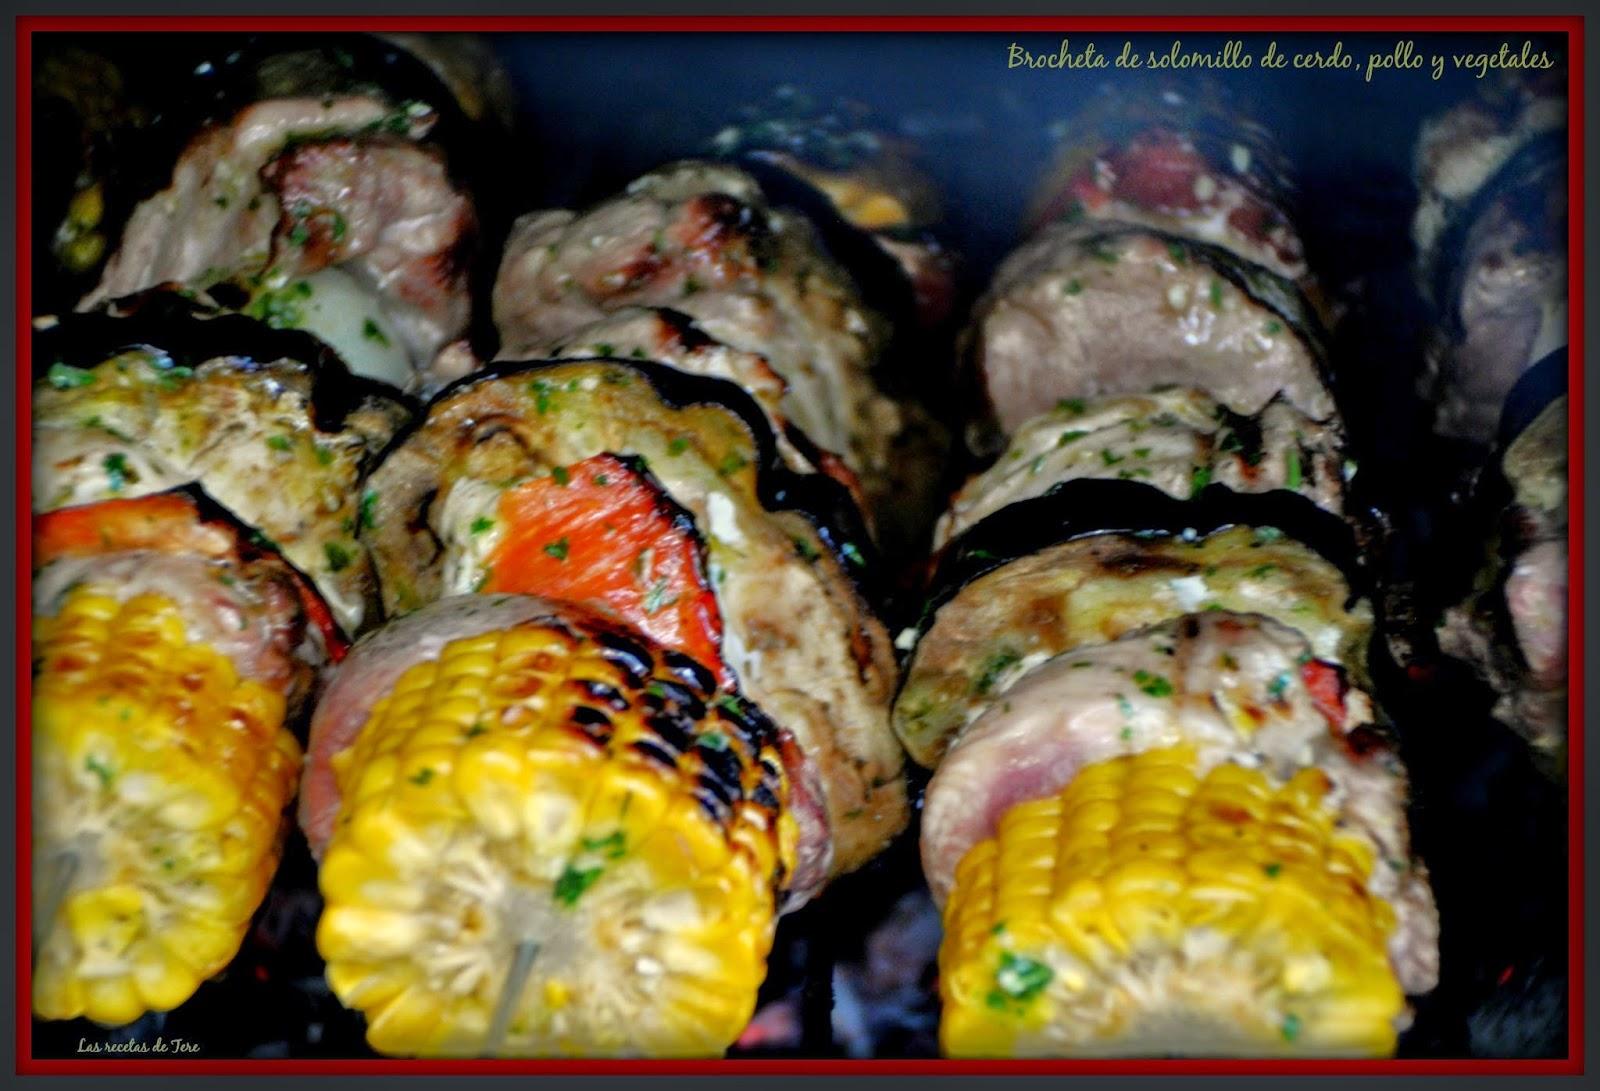 Brocheta de solomillo de cerdo, pollo y vegetales 03